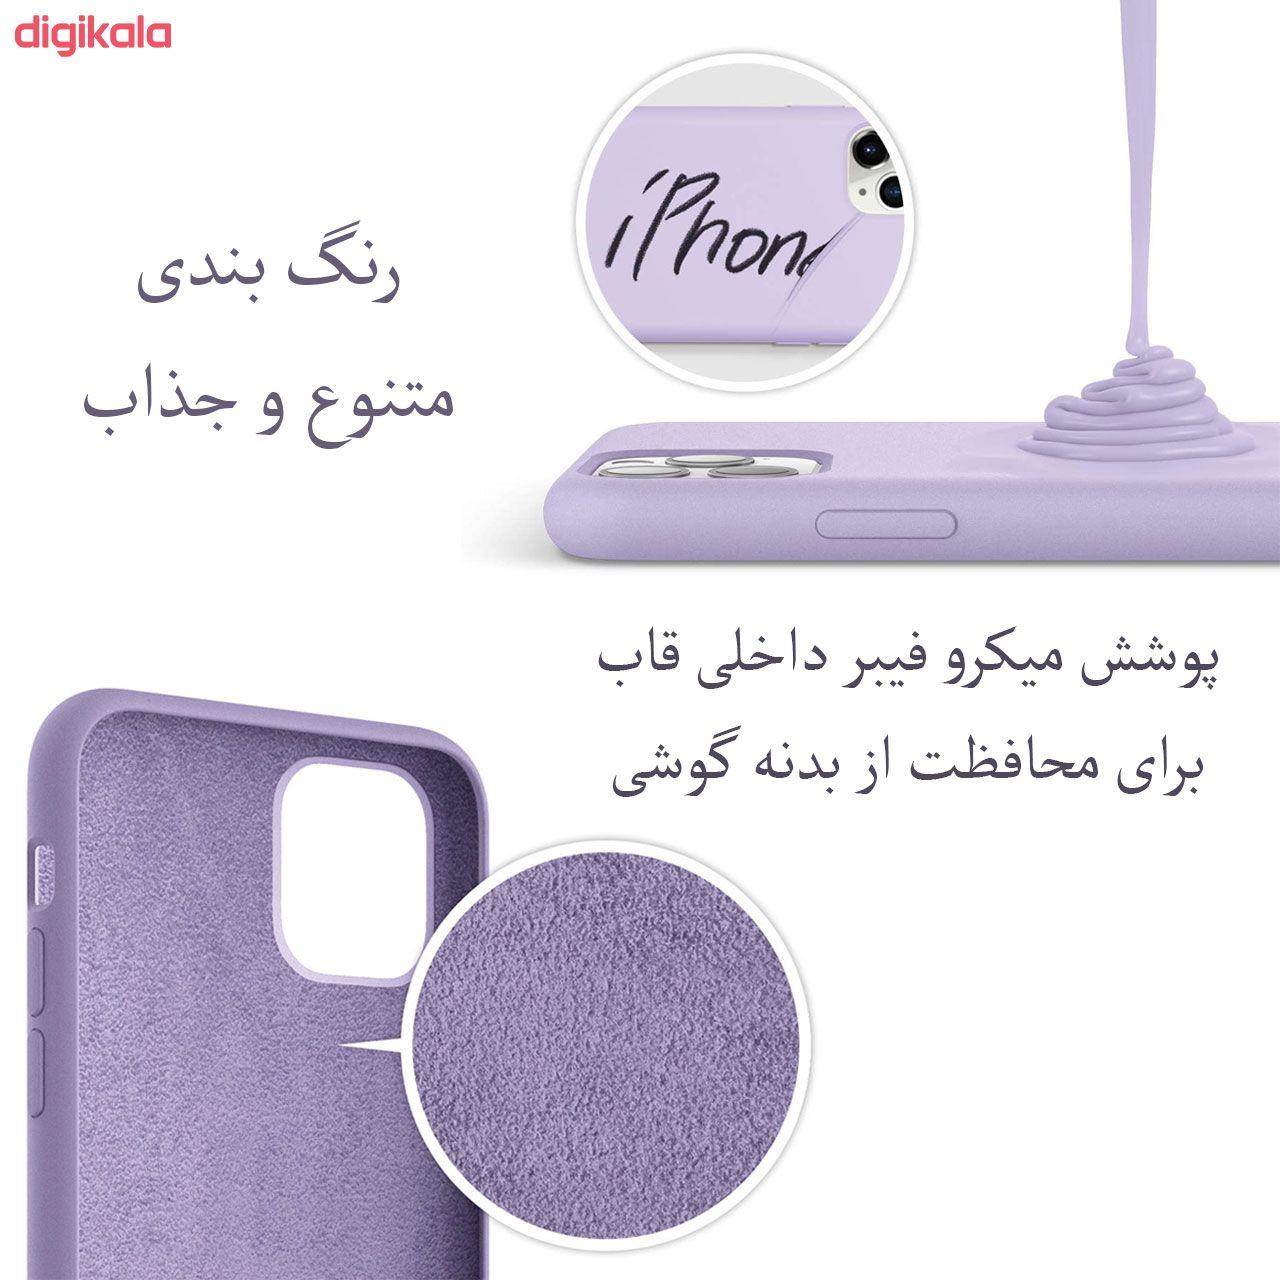 کاور مدل SLCN مناسب برای گوشی موبایل اپل iPhone 11 Pro Max main 1 2